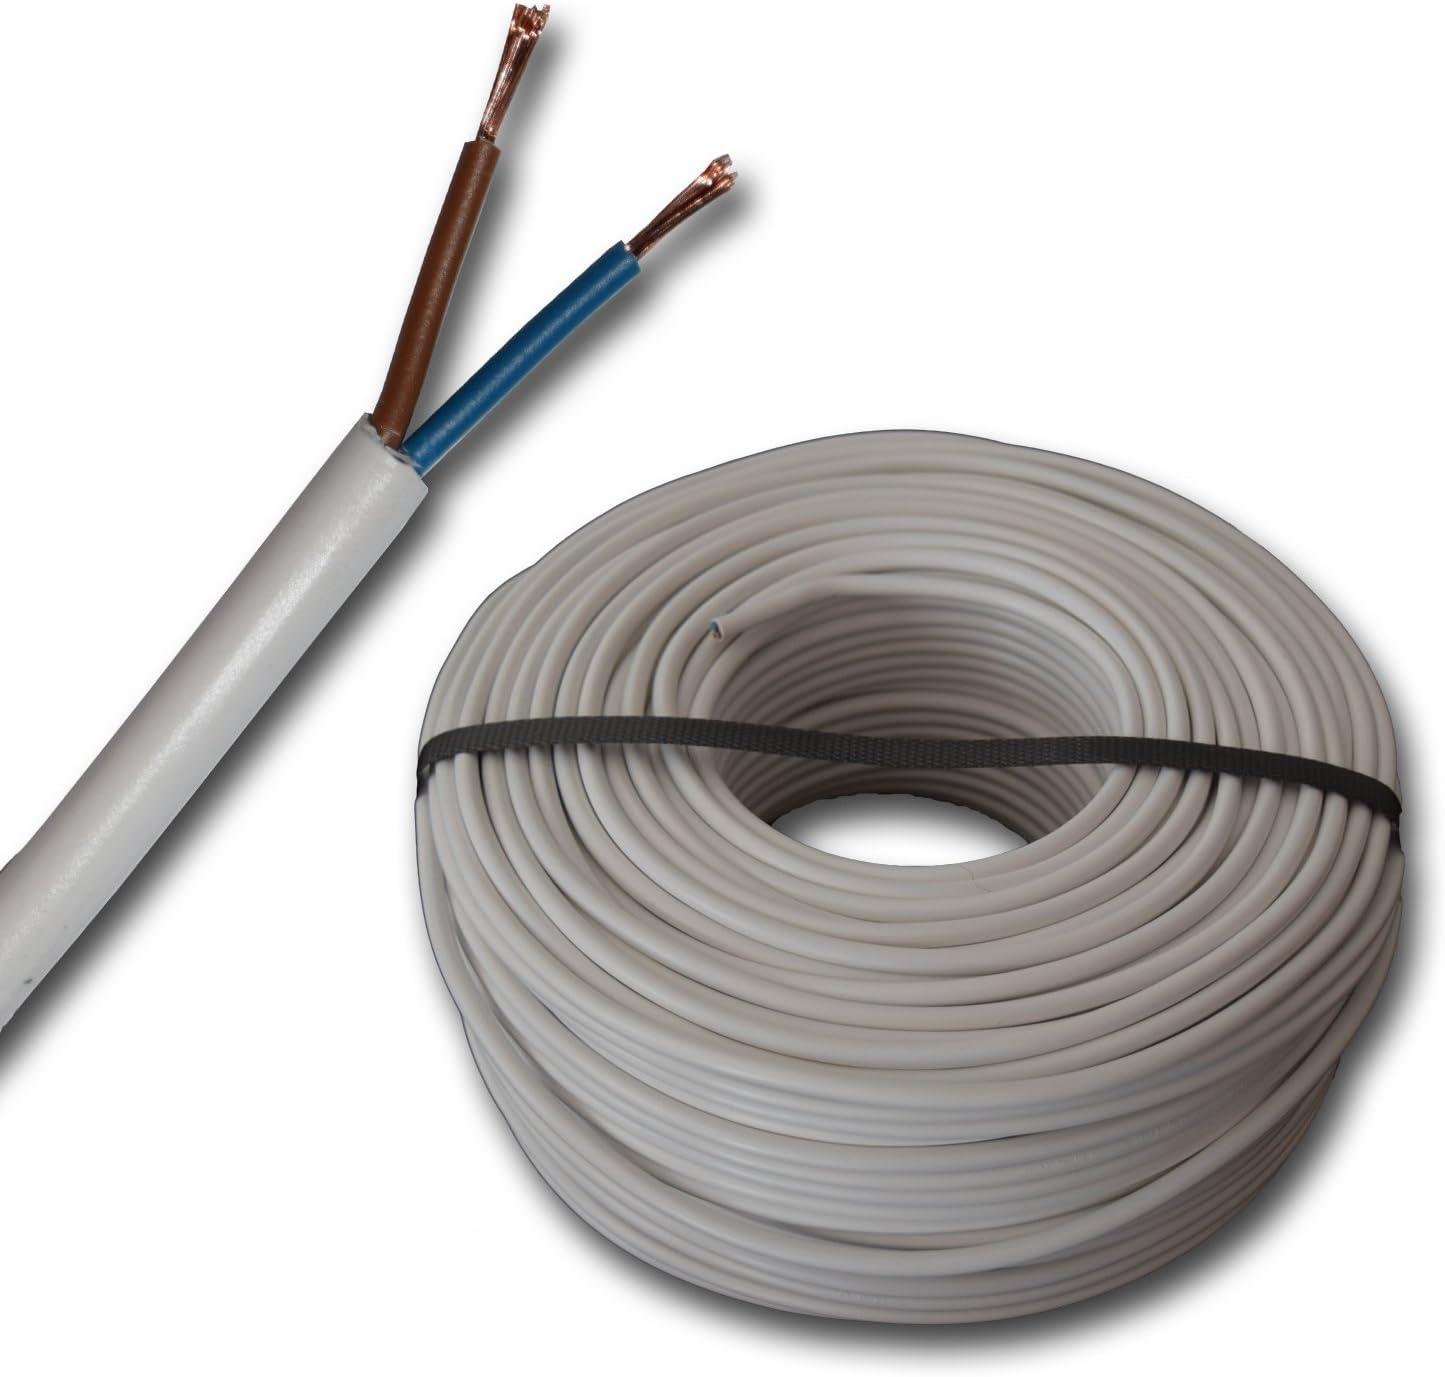 Kunststoff Schlauchleitung rund LED Kabel Leitung Ger/ätekabel H05VV-F 2x1,5 mm/² - Farbe: wei/ß 5m//10m//15m//20m//25m//30m//35m//40m//45m//50m//55m//60m usw mm2 bis 100 m in 5 Meter Schritten frei w/ählbar